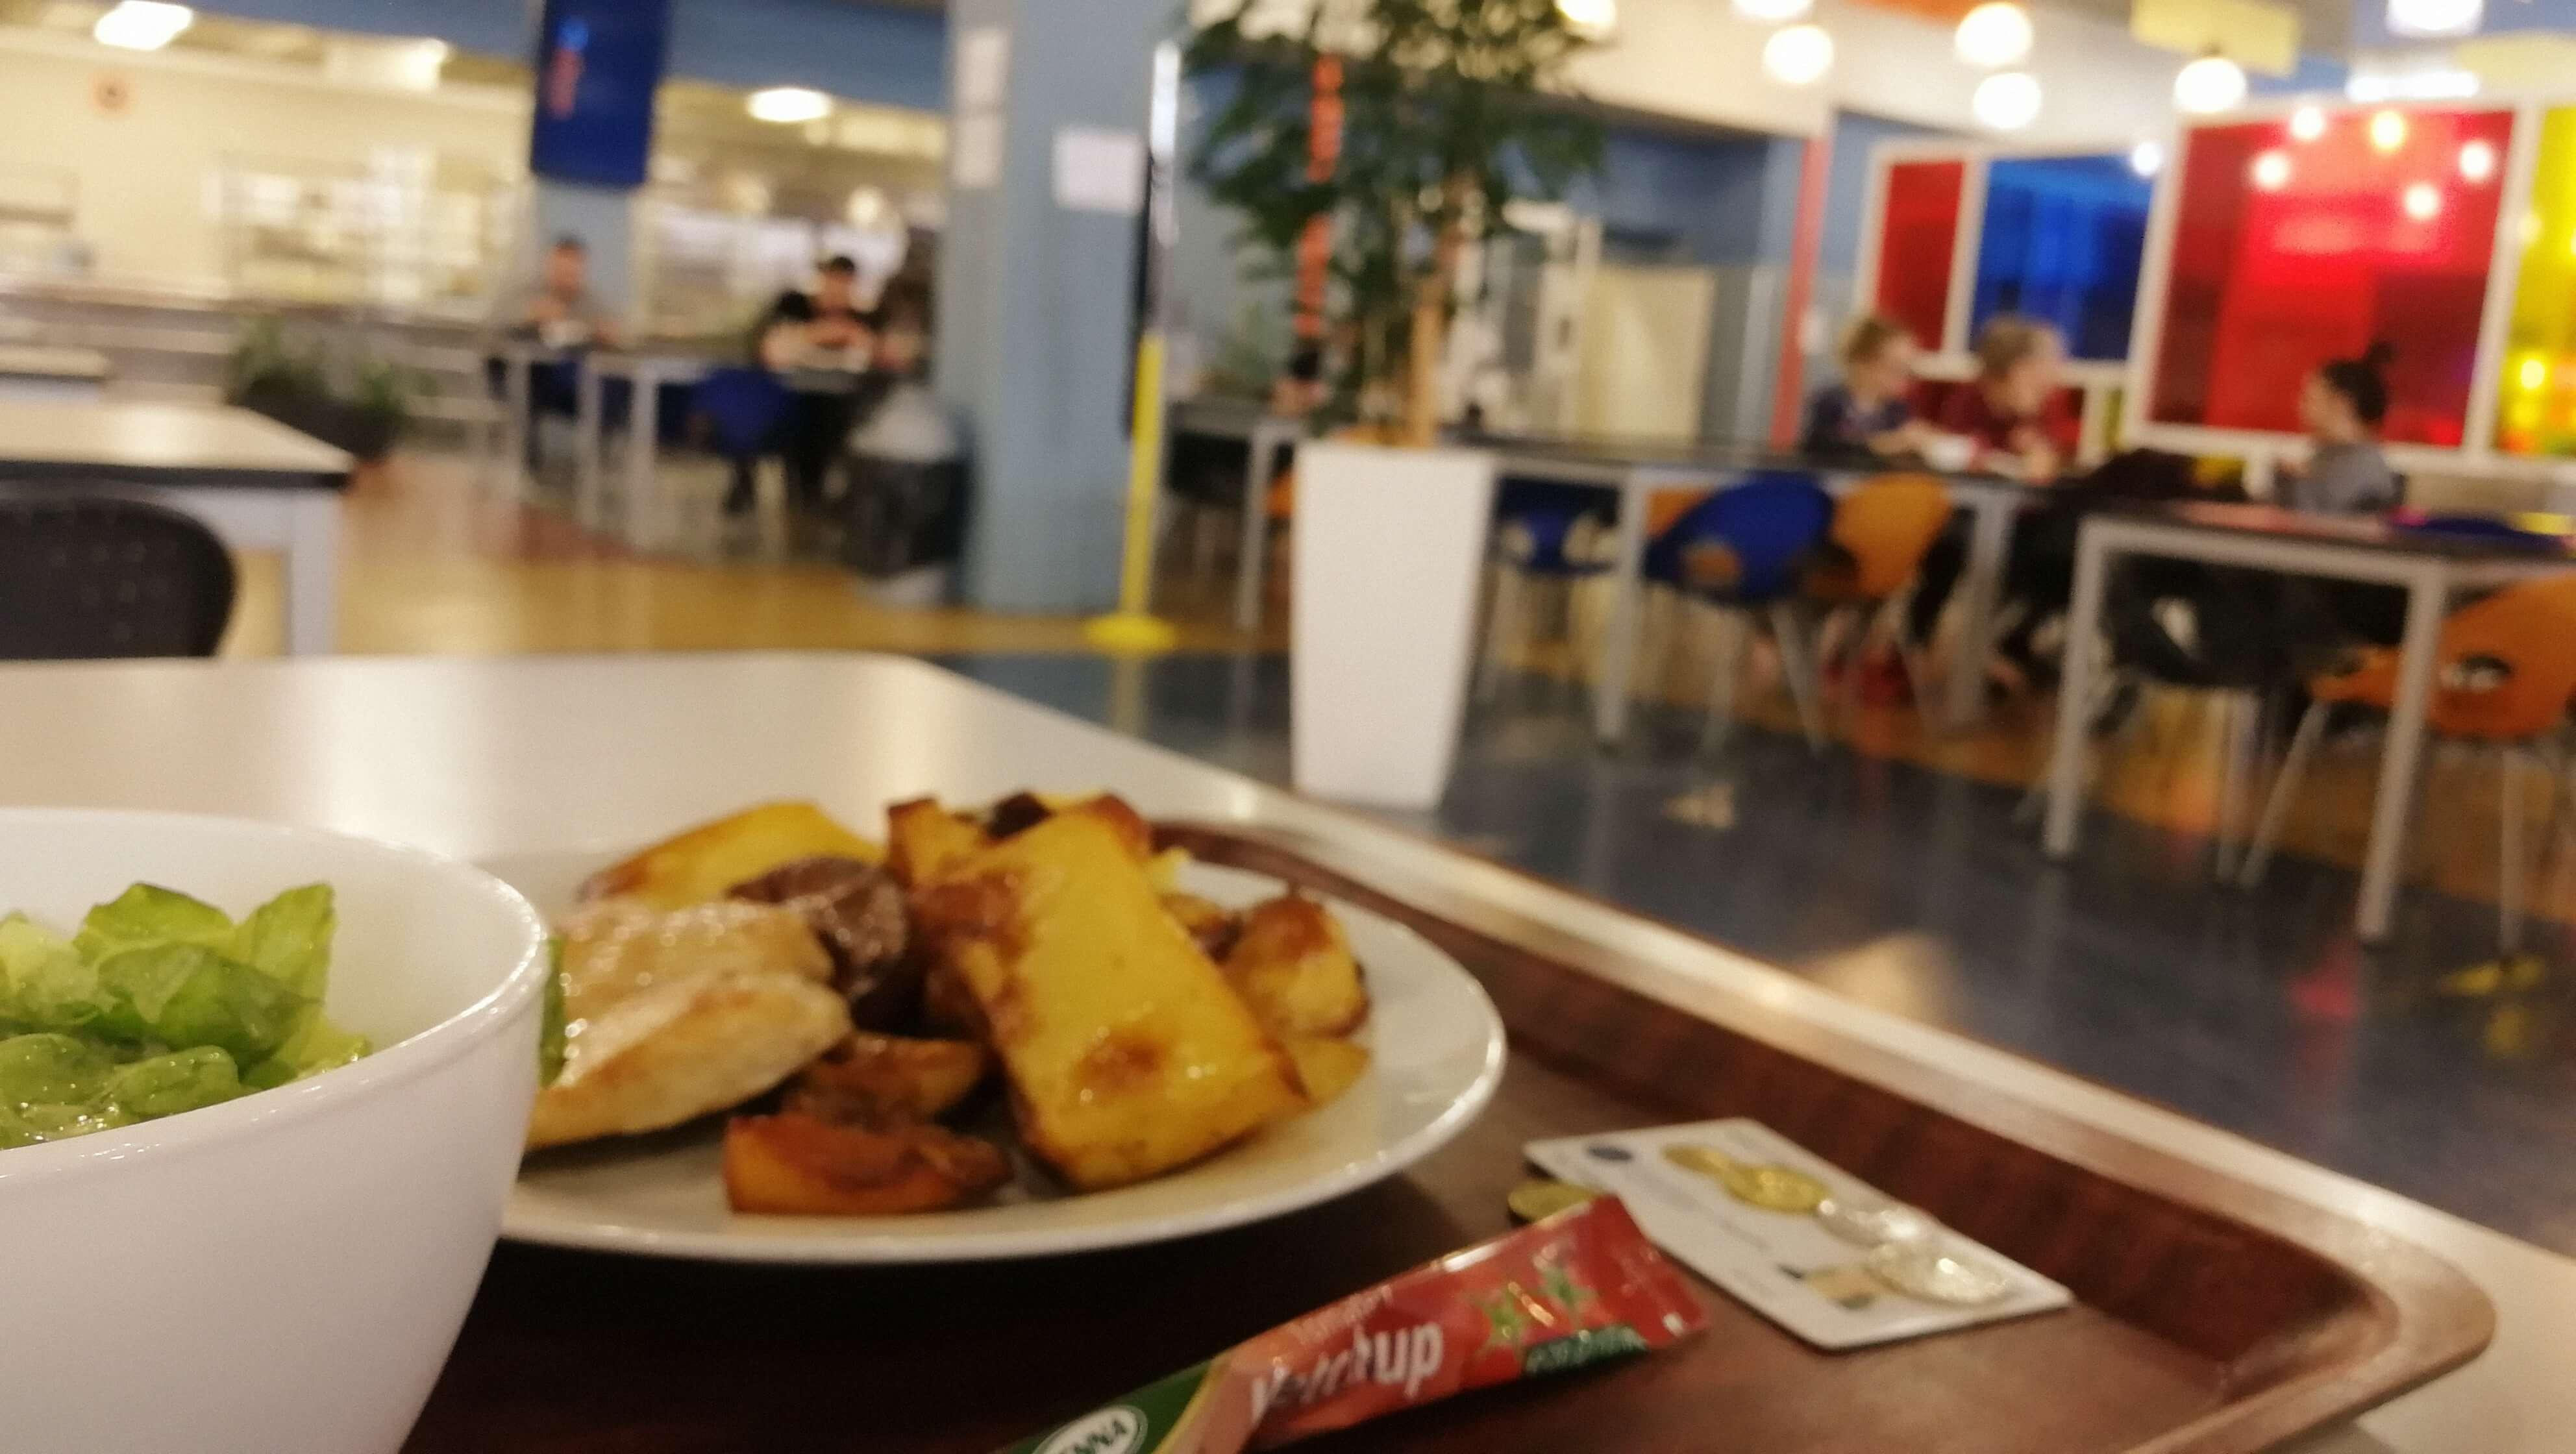 SC priprema više od 20 tisuća obroka za menze dnevno: Što je s ostacima i hranom koja se ne proda?